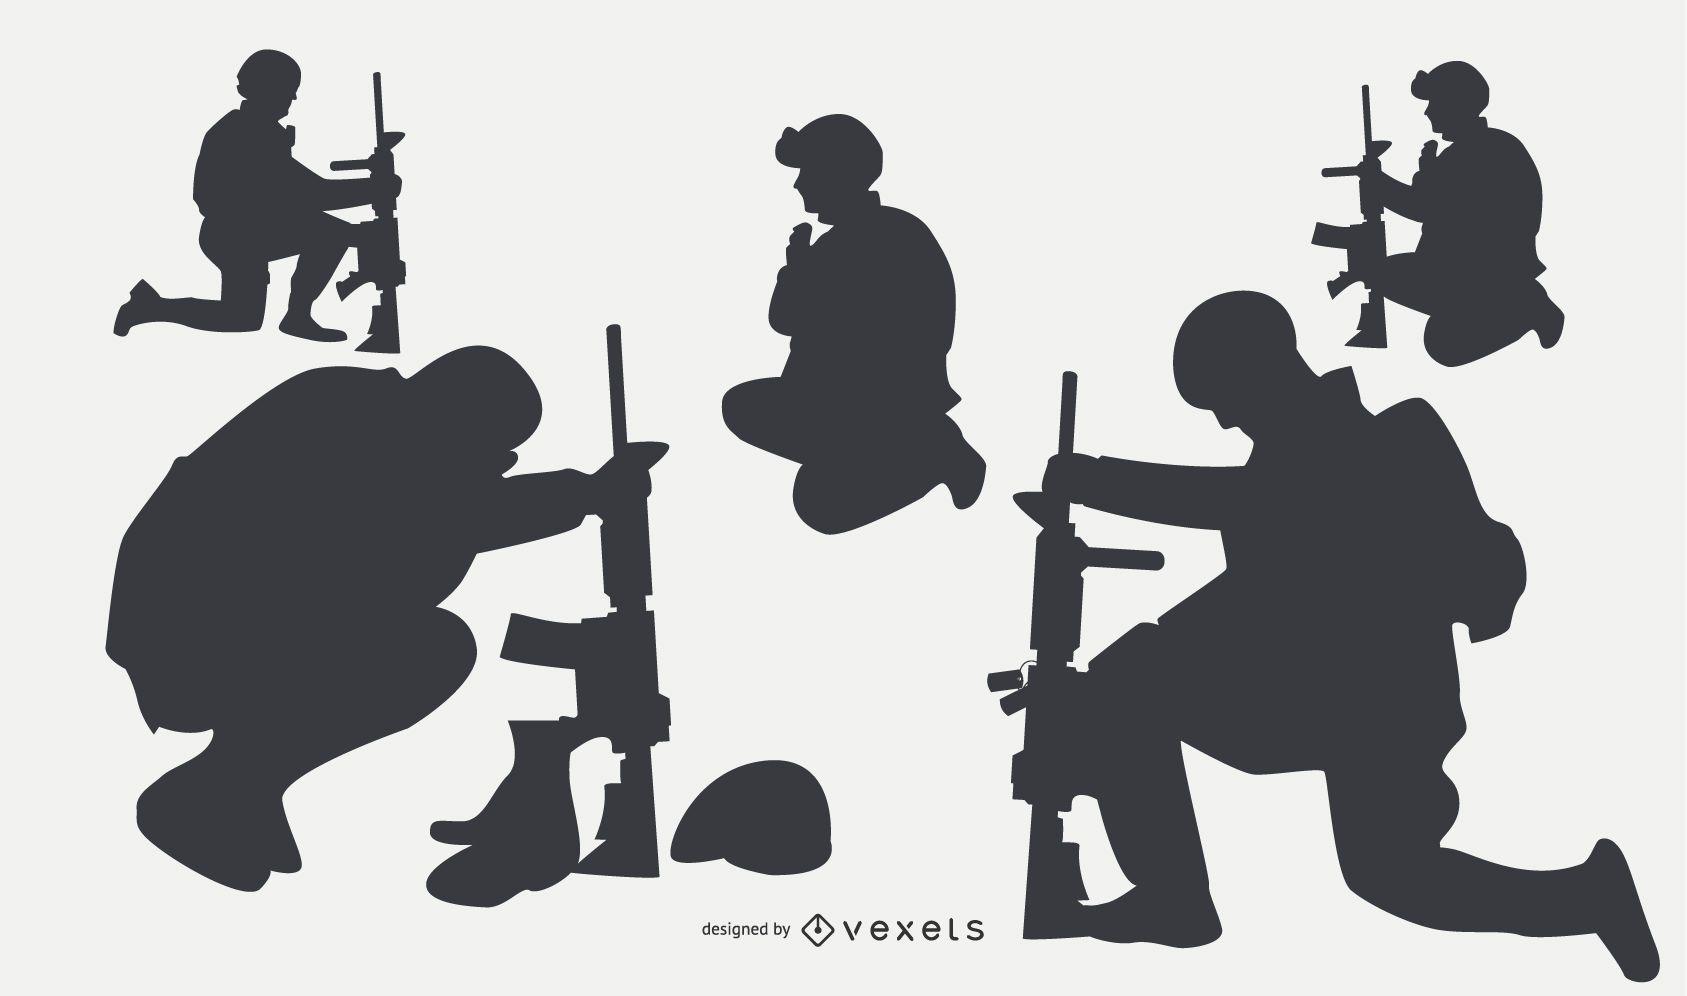 Siluetas de personas militares